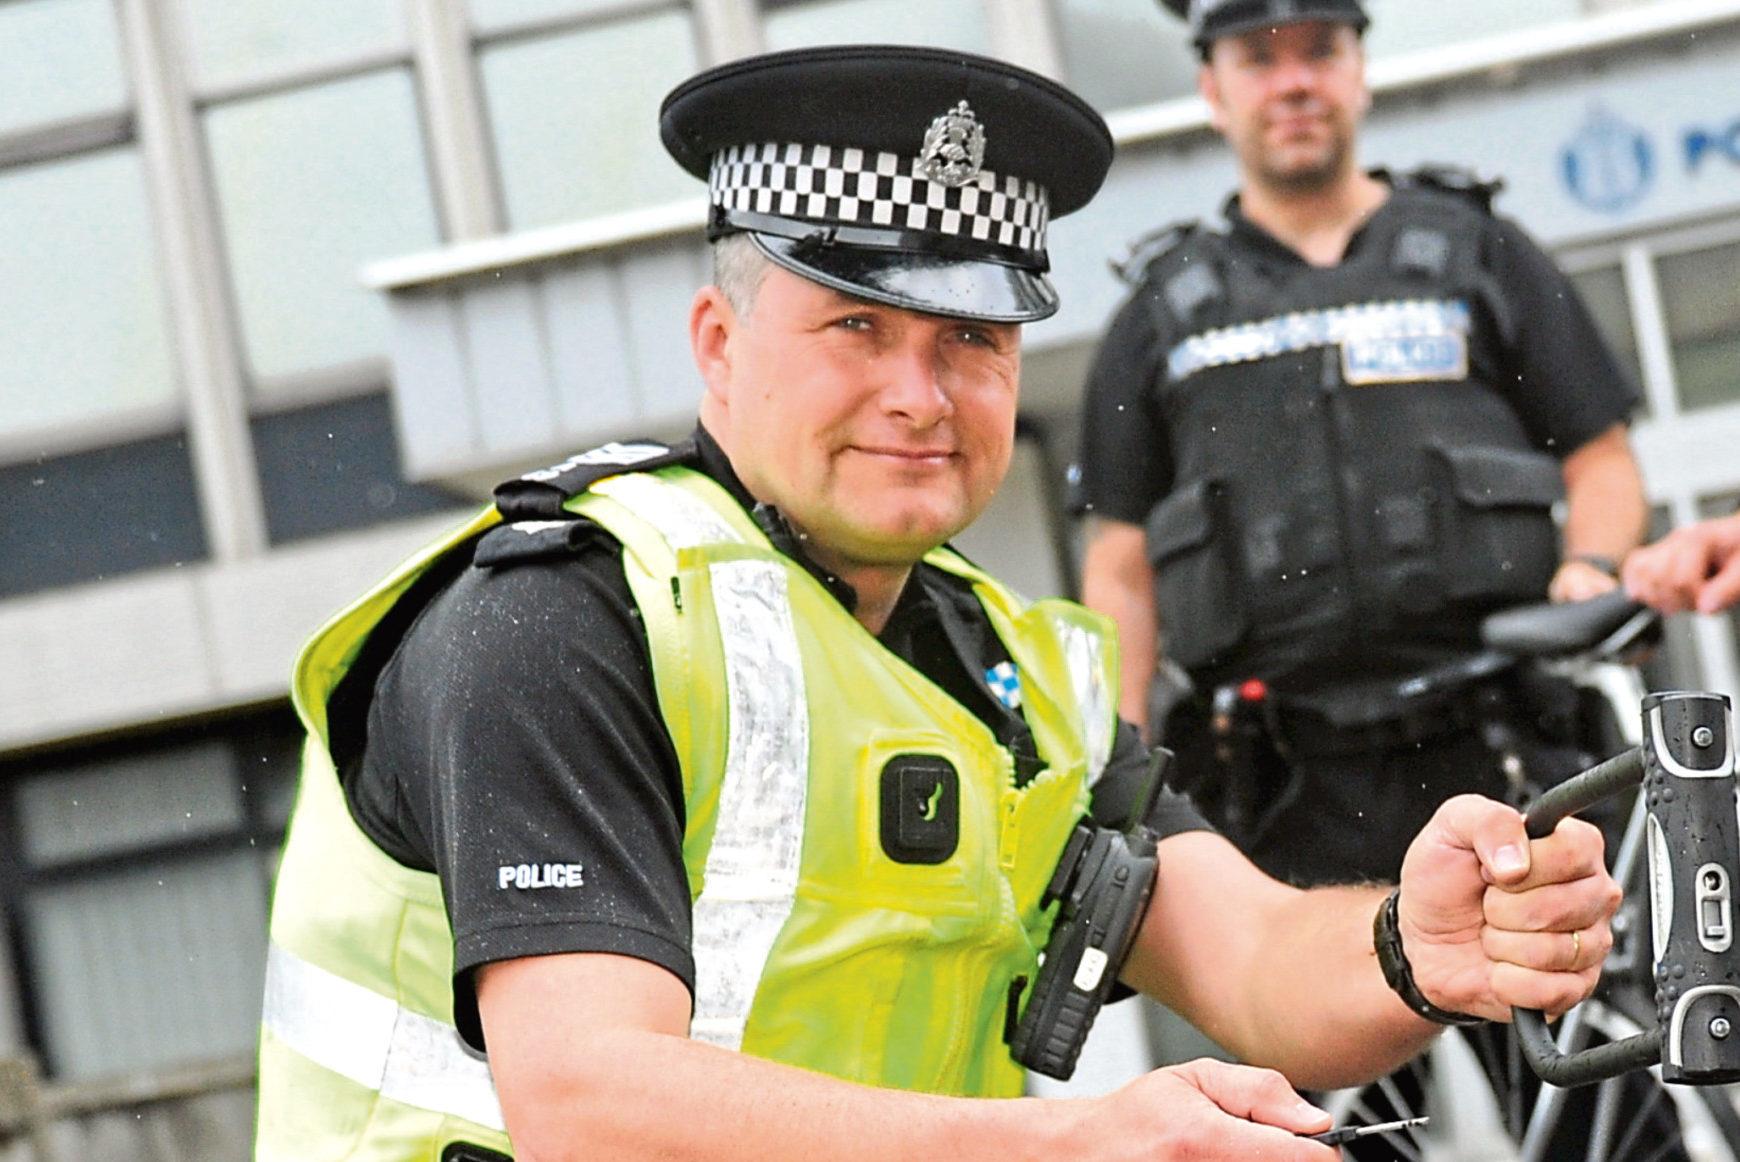 Sergeant Simon Lewis-Dalby